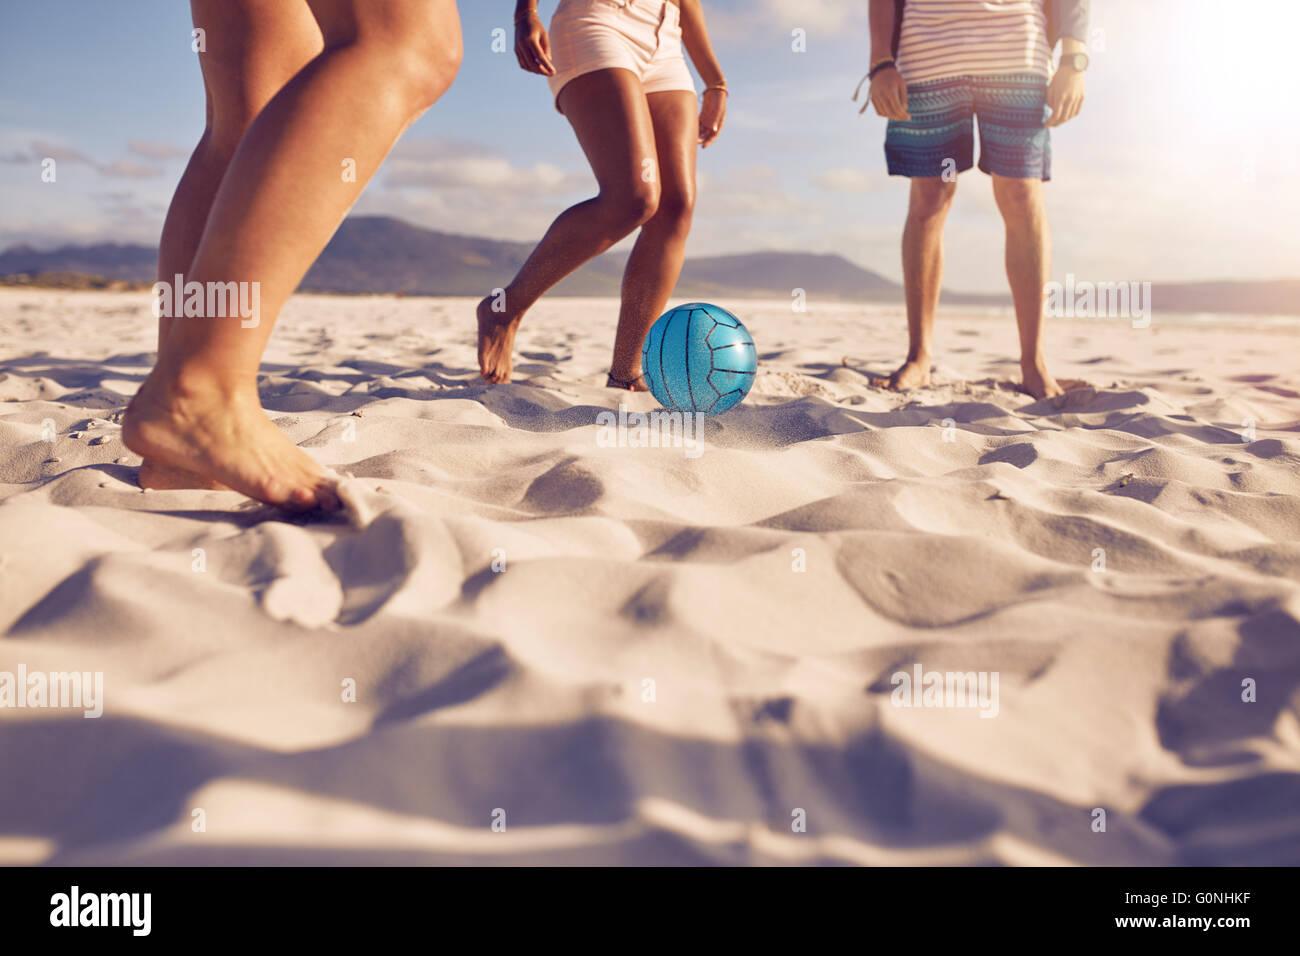 Bajo la sección retrato de grupo de amigos jugando al fútbol en la playa. Una chica está pasando el balón a sus Foto de stock